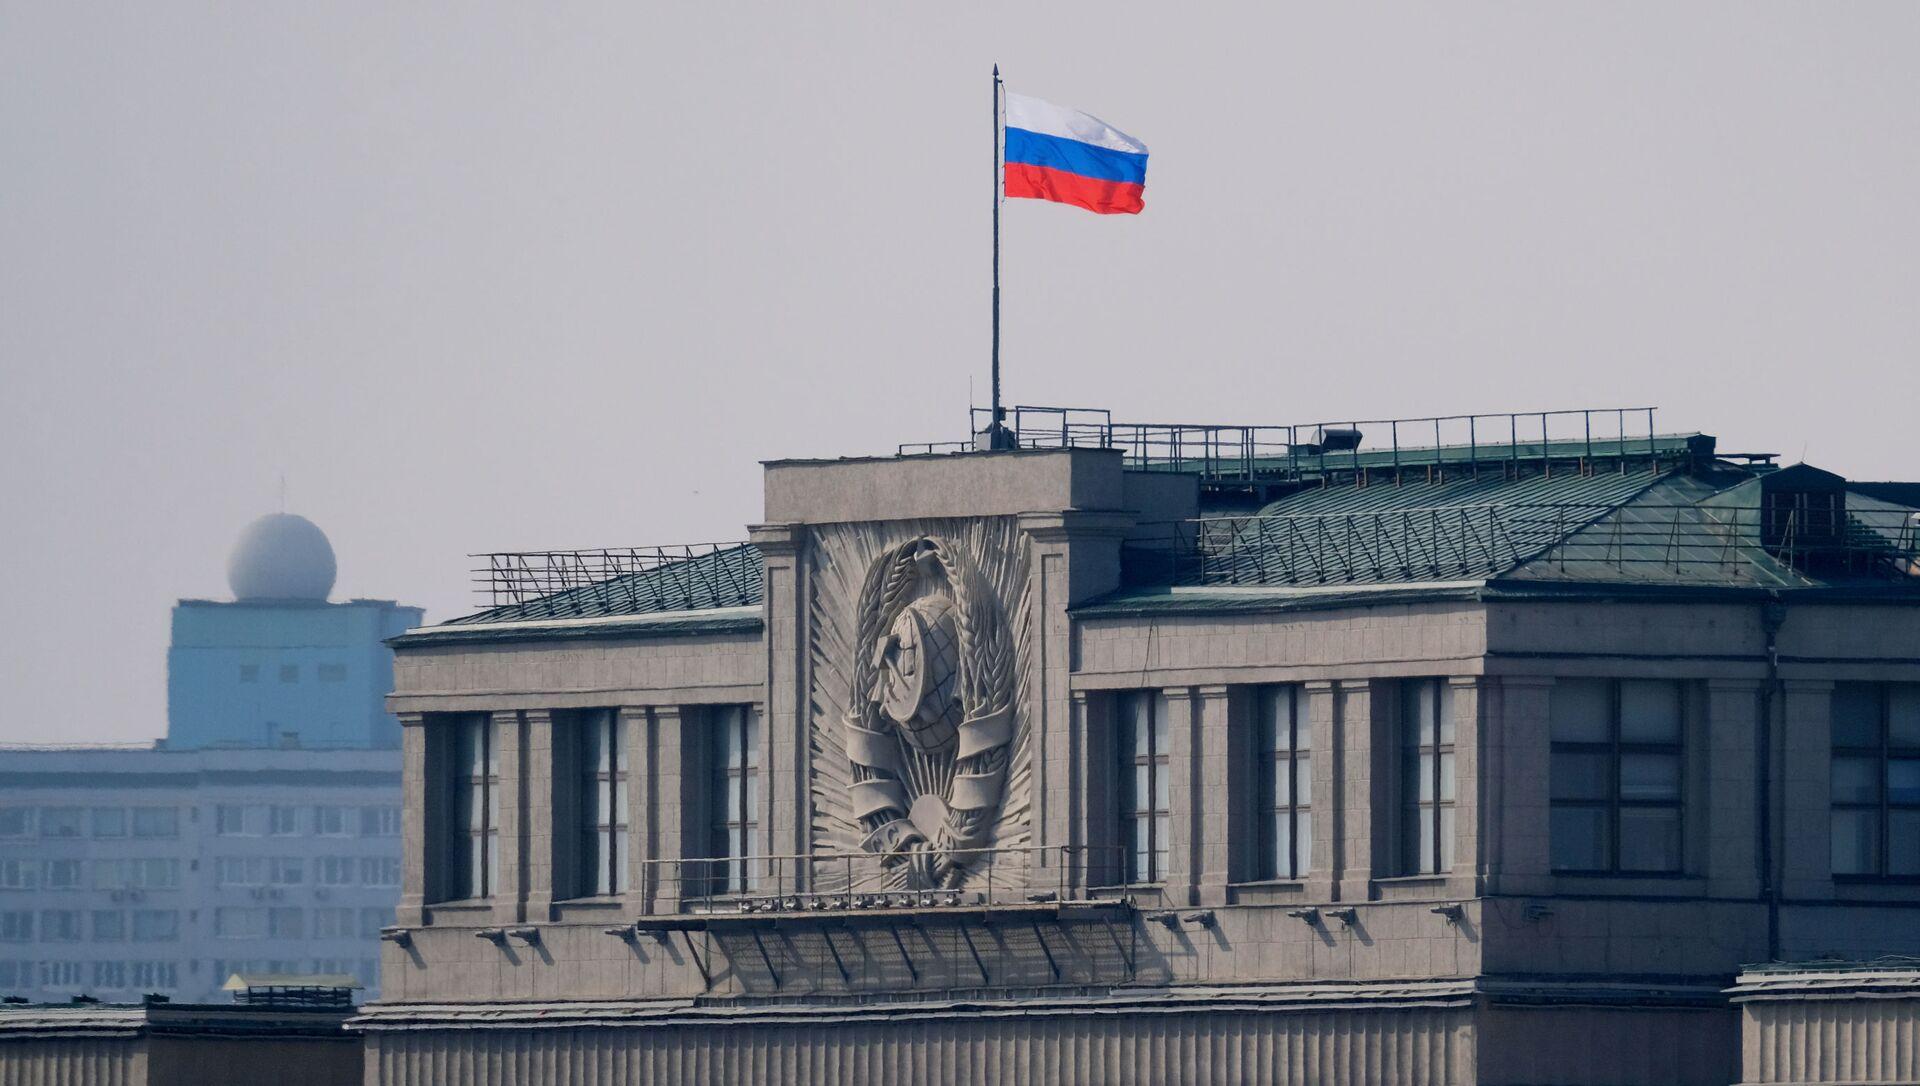 Budova Státní dumy Ruska - Sputnik Česká republika, 1920, 17.03.2021